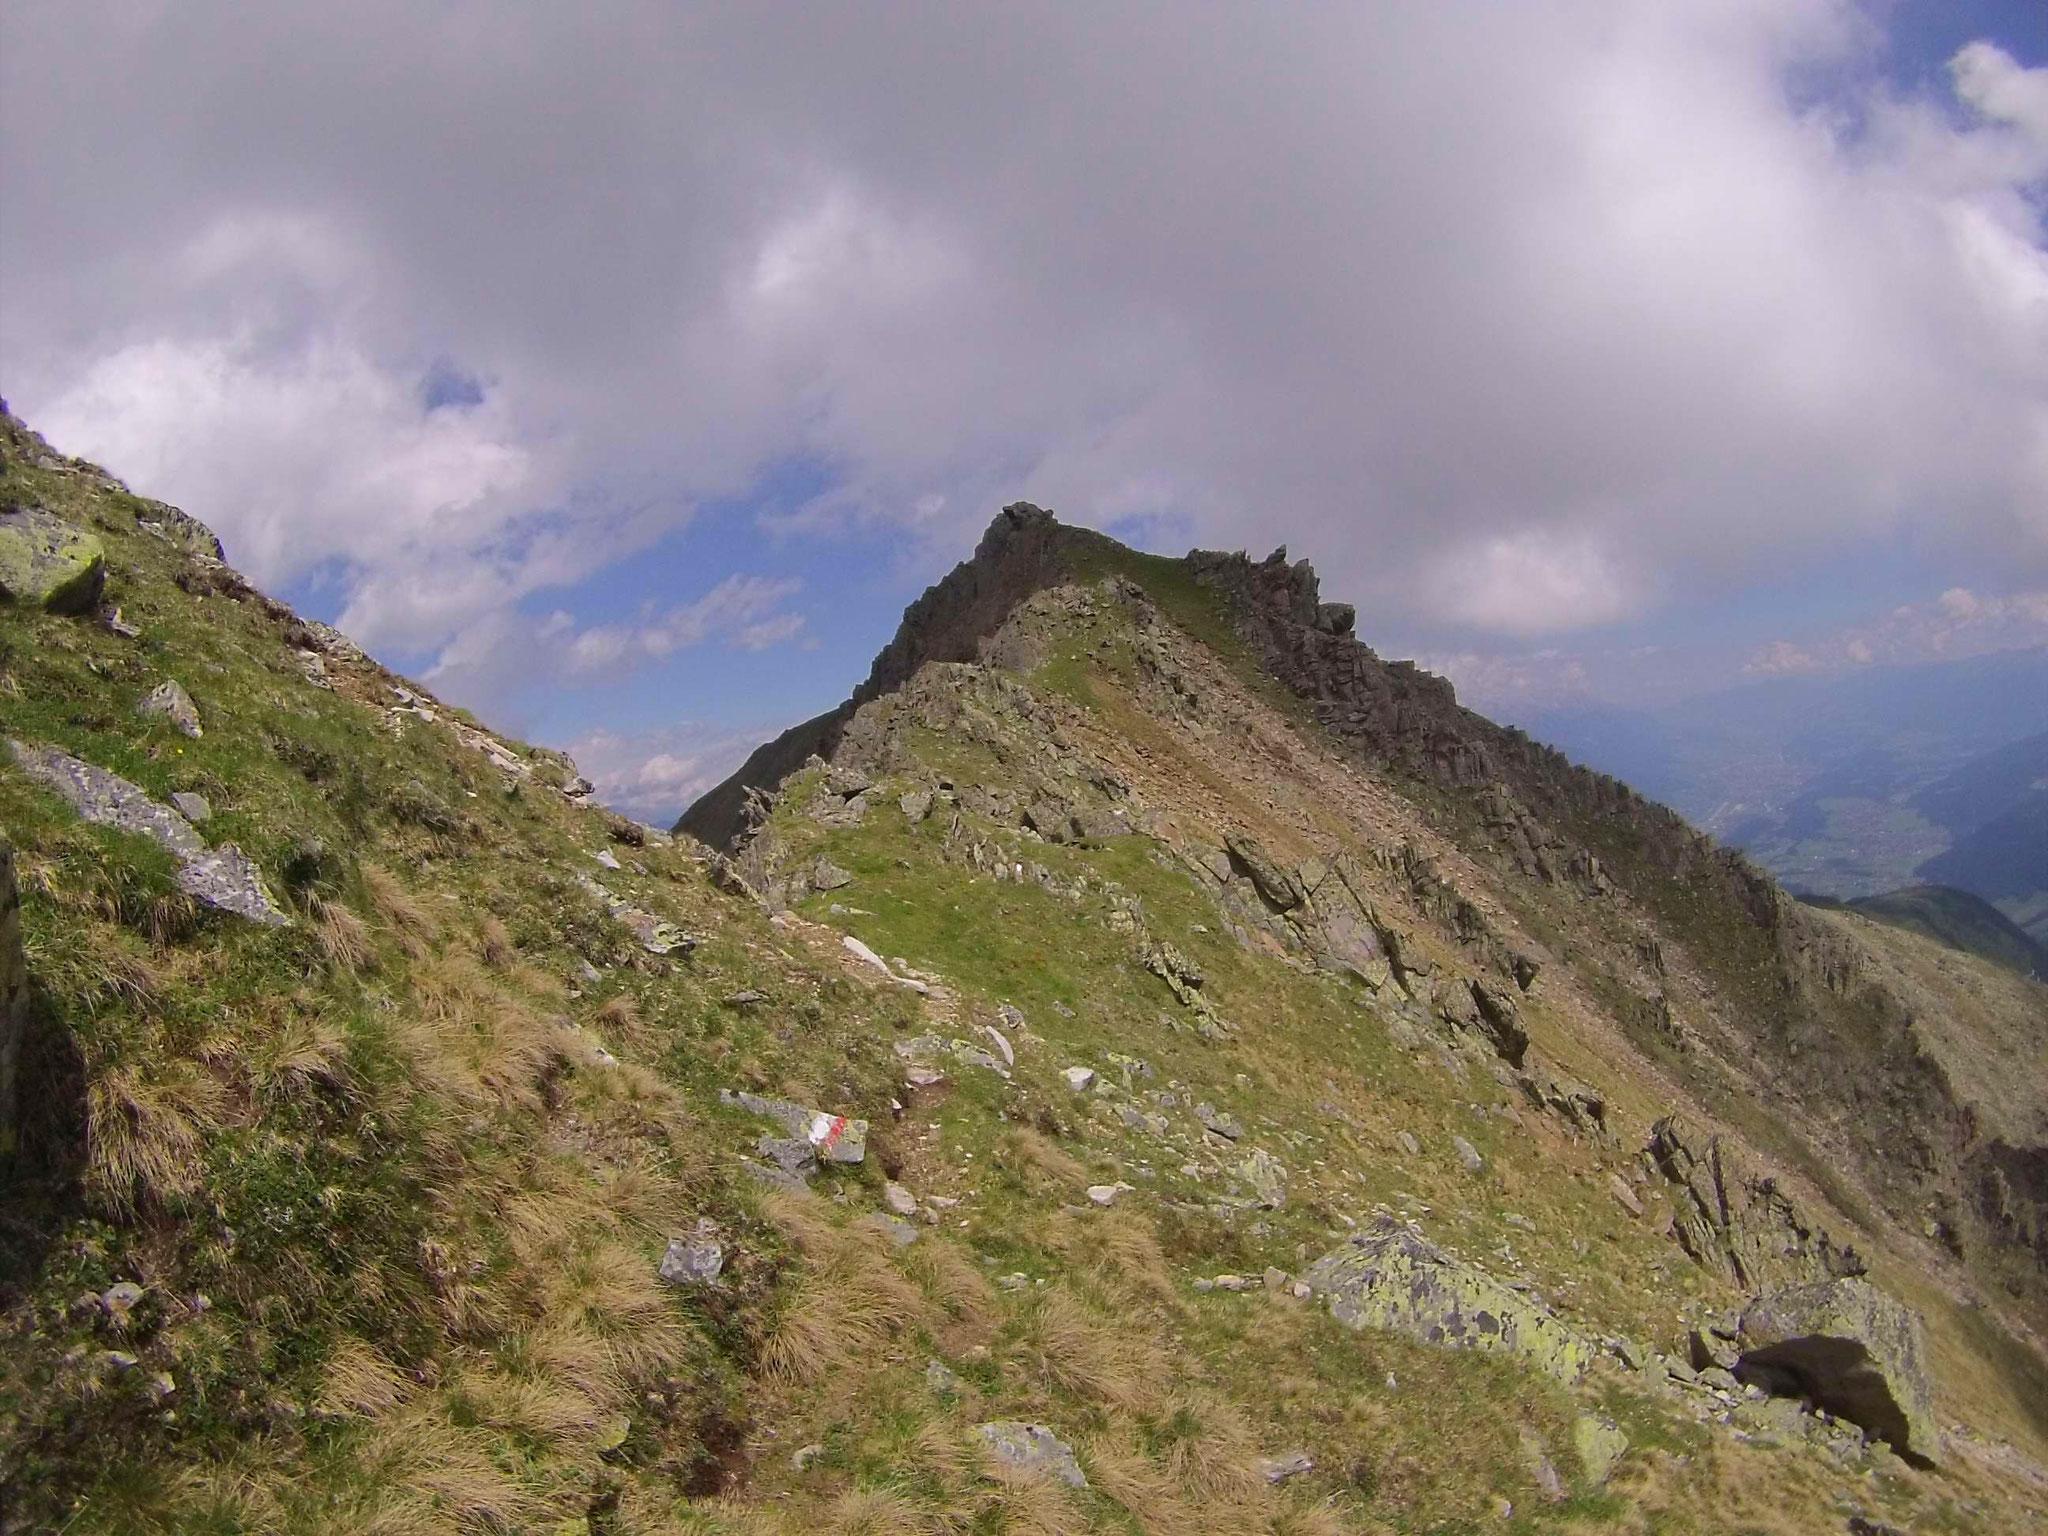 Nach dem kurzen Klettersteig kommen wir zurück ins Gehgelände am Kamm zum Rosskogel...